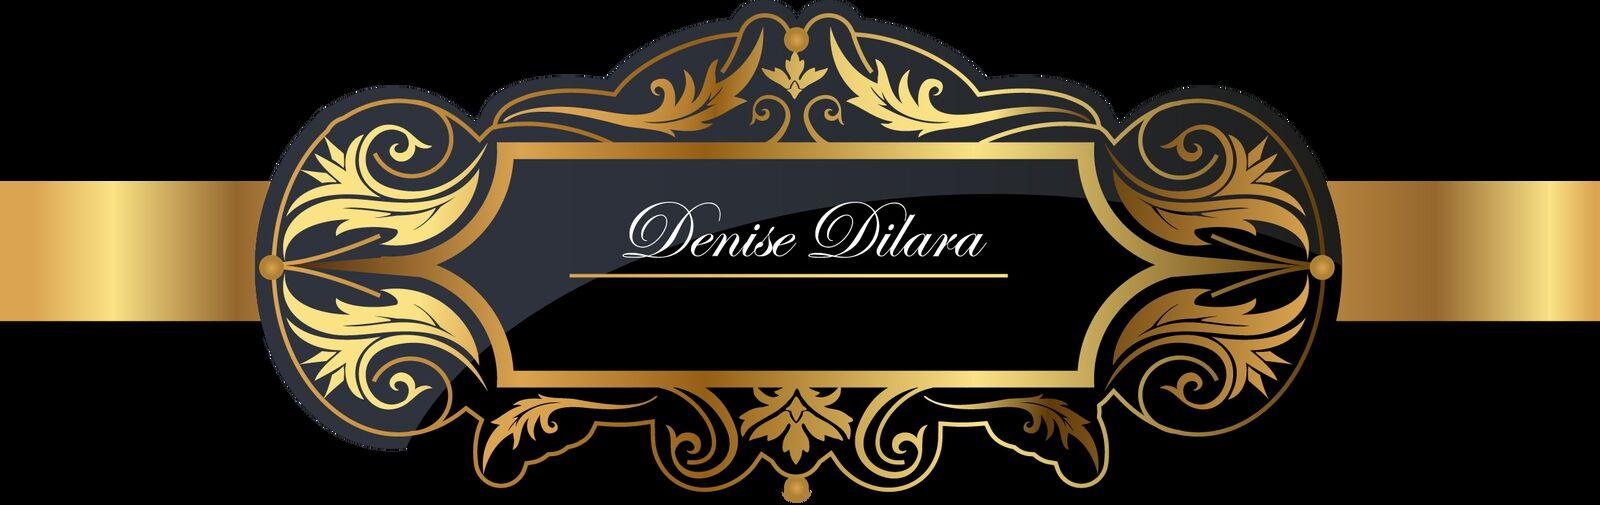 Denise-Dilara